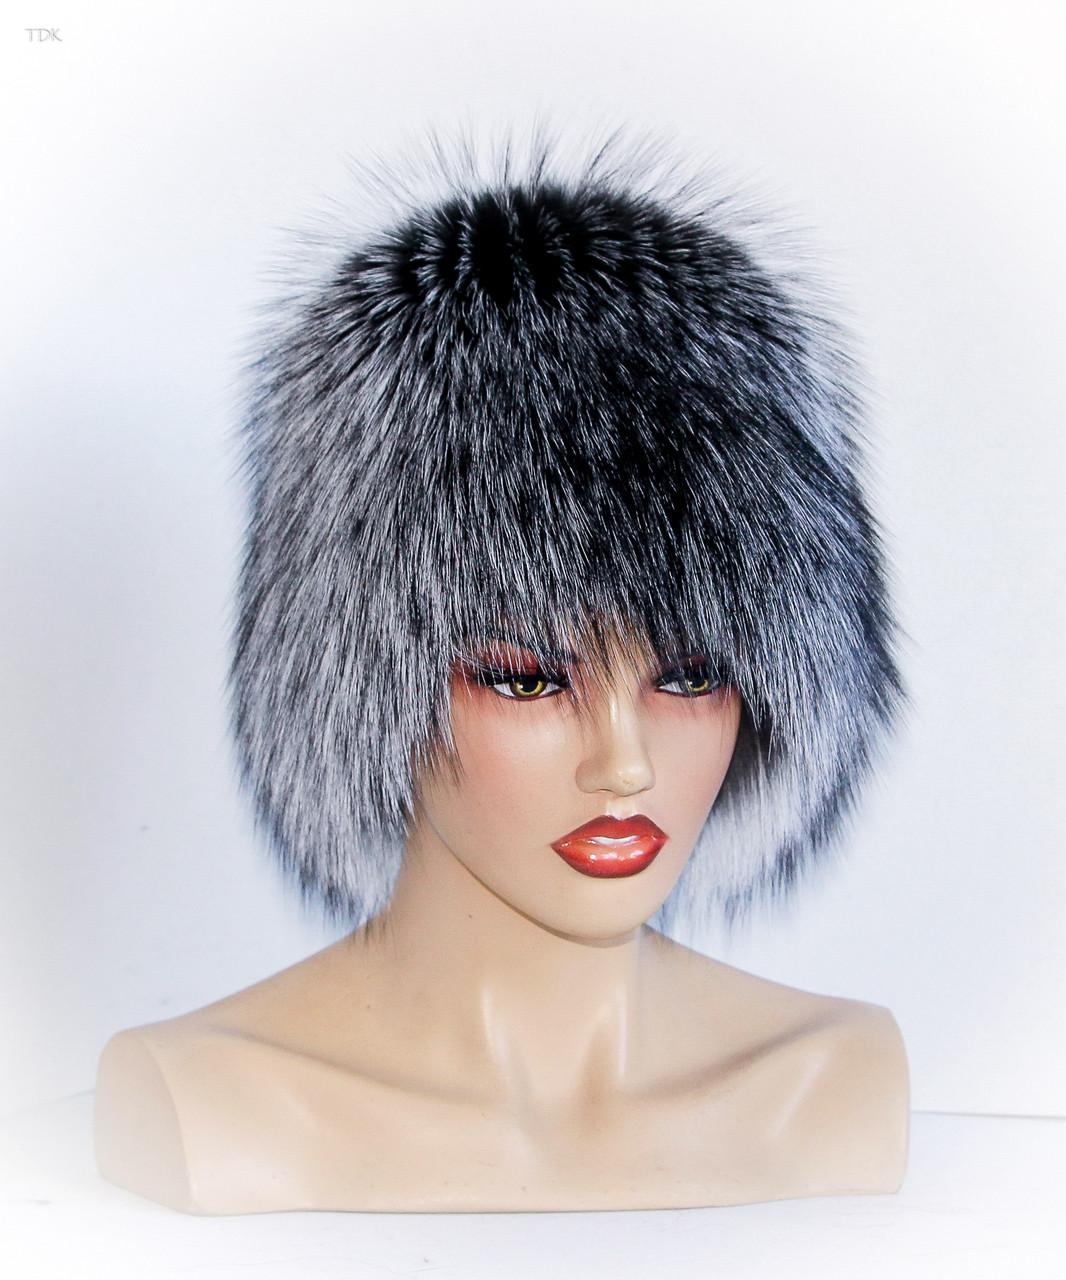 Меховая шапка Кубанка из Чернобурки (темная) - Меховые шапки b46de548c8ee3